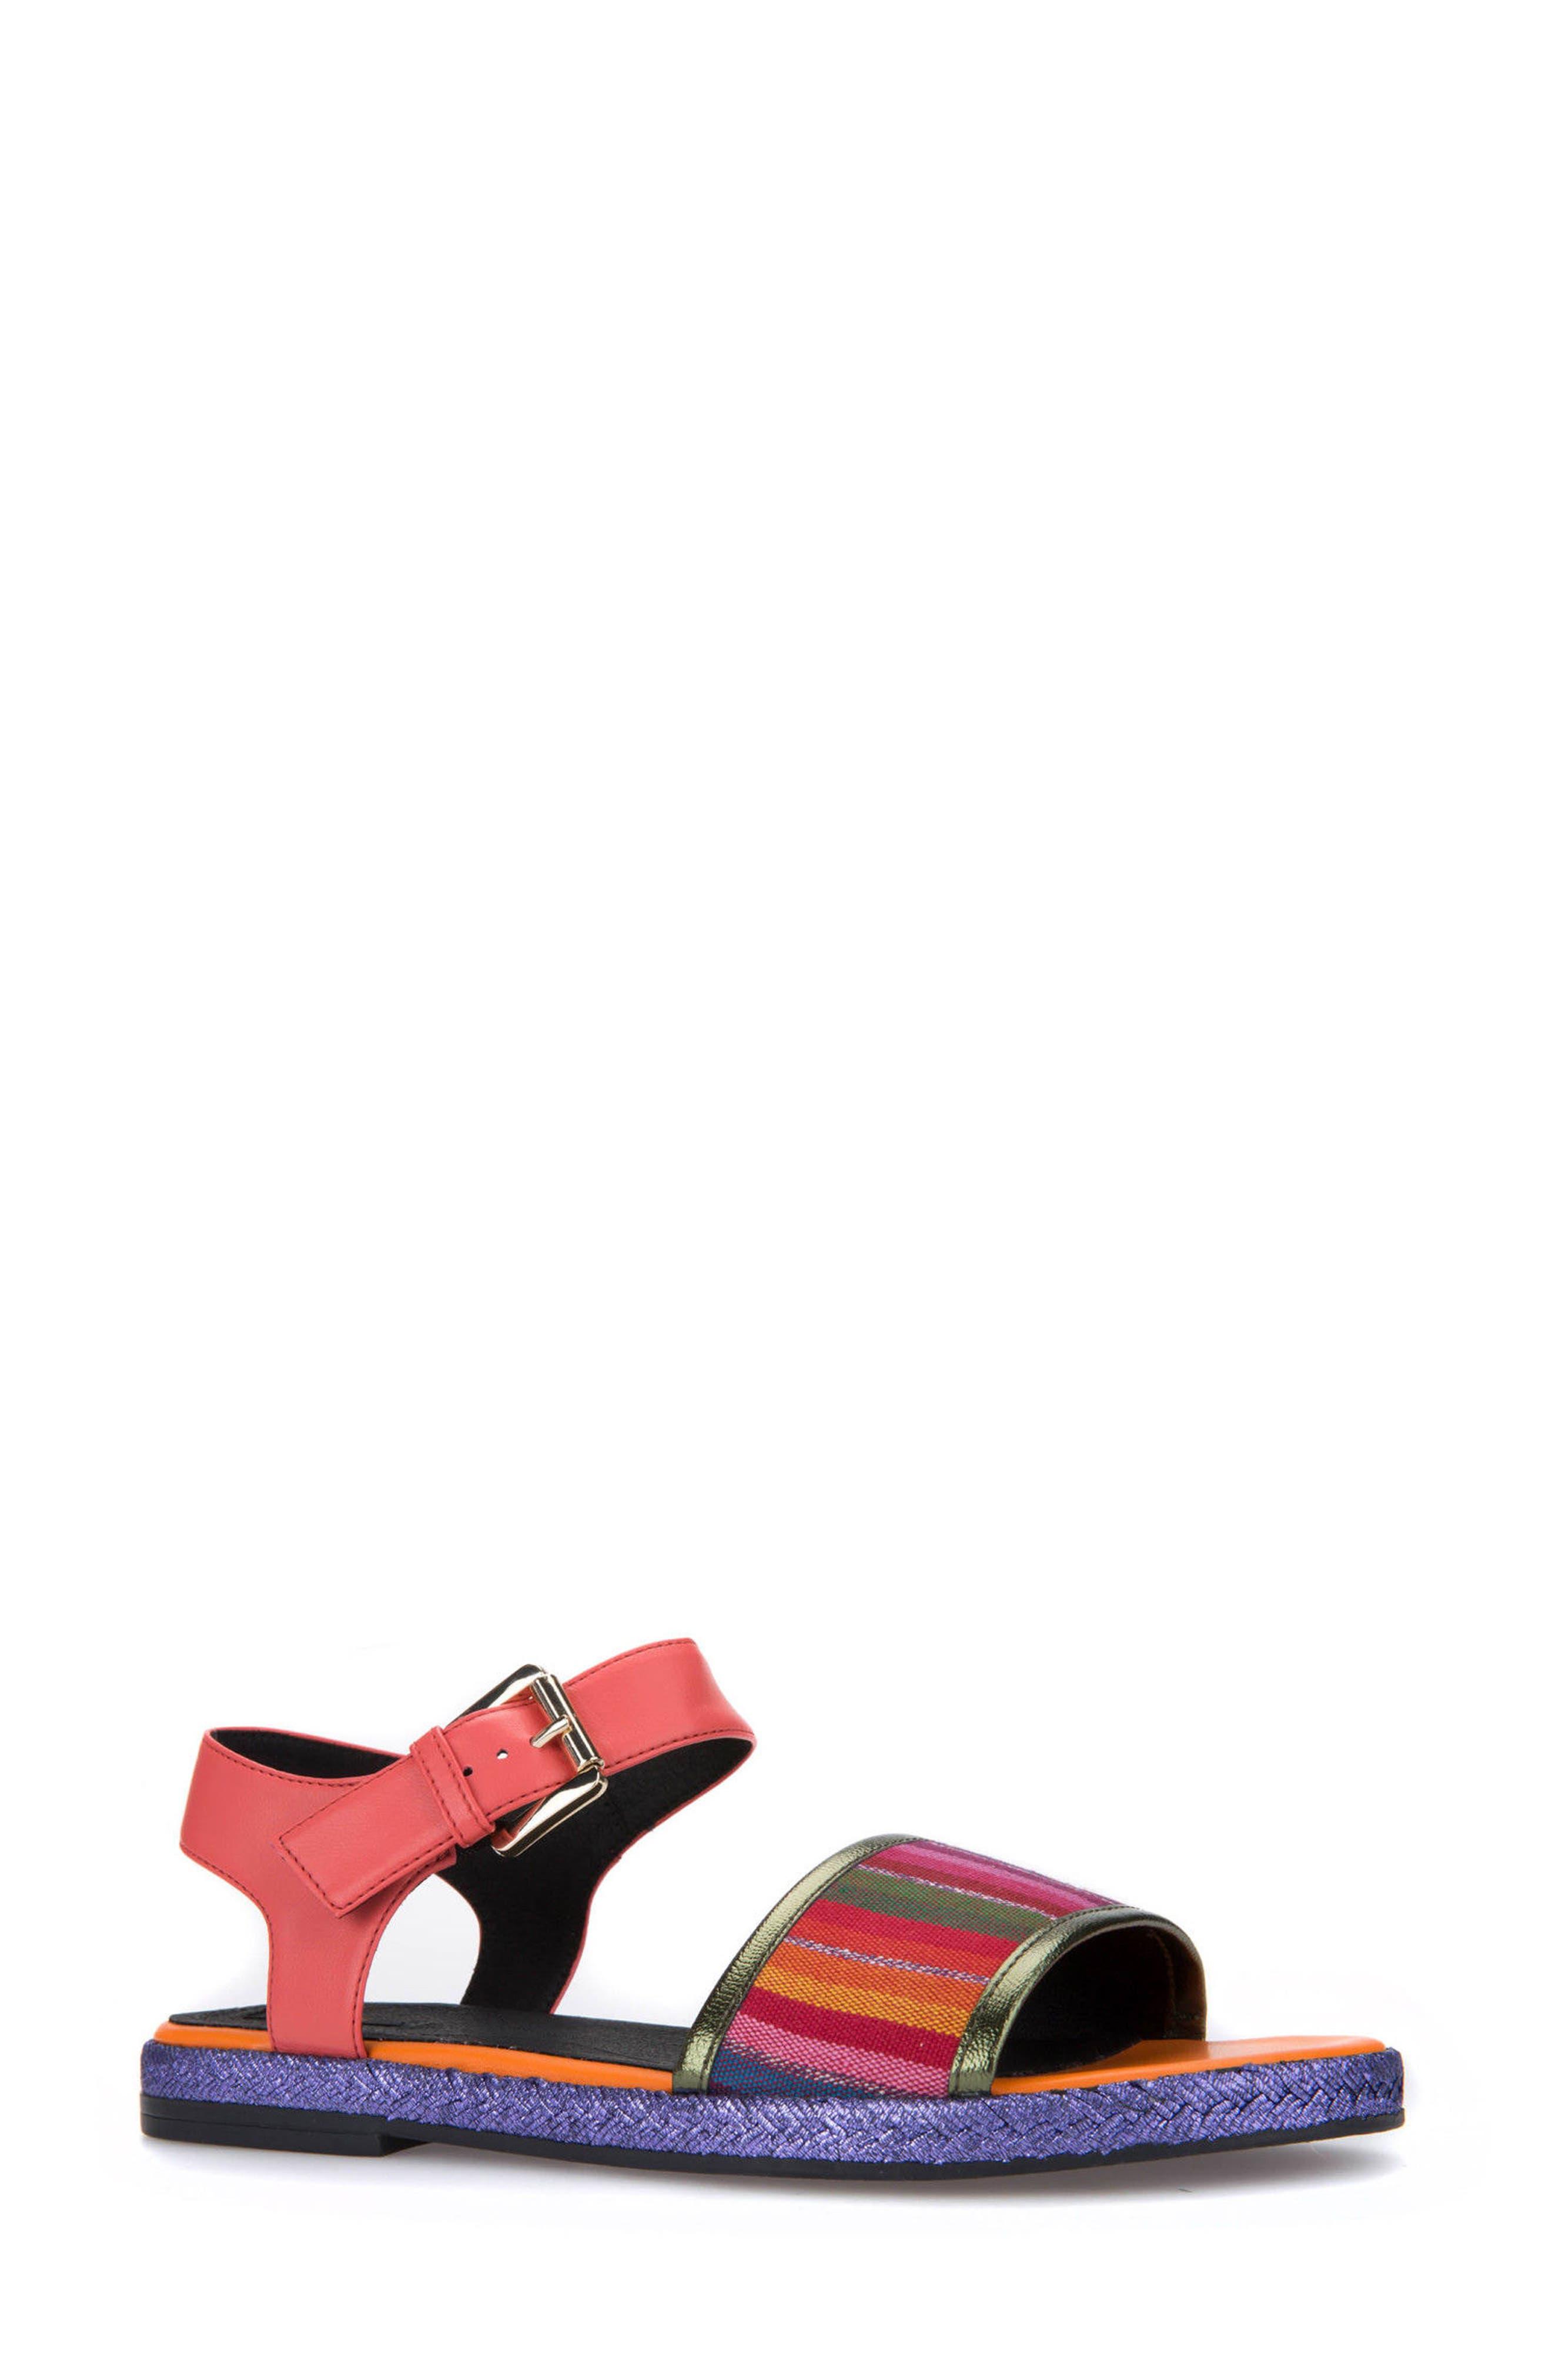 Geox Kolleen Sandal (Women)